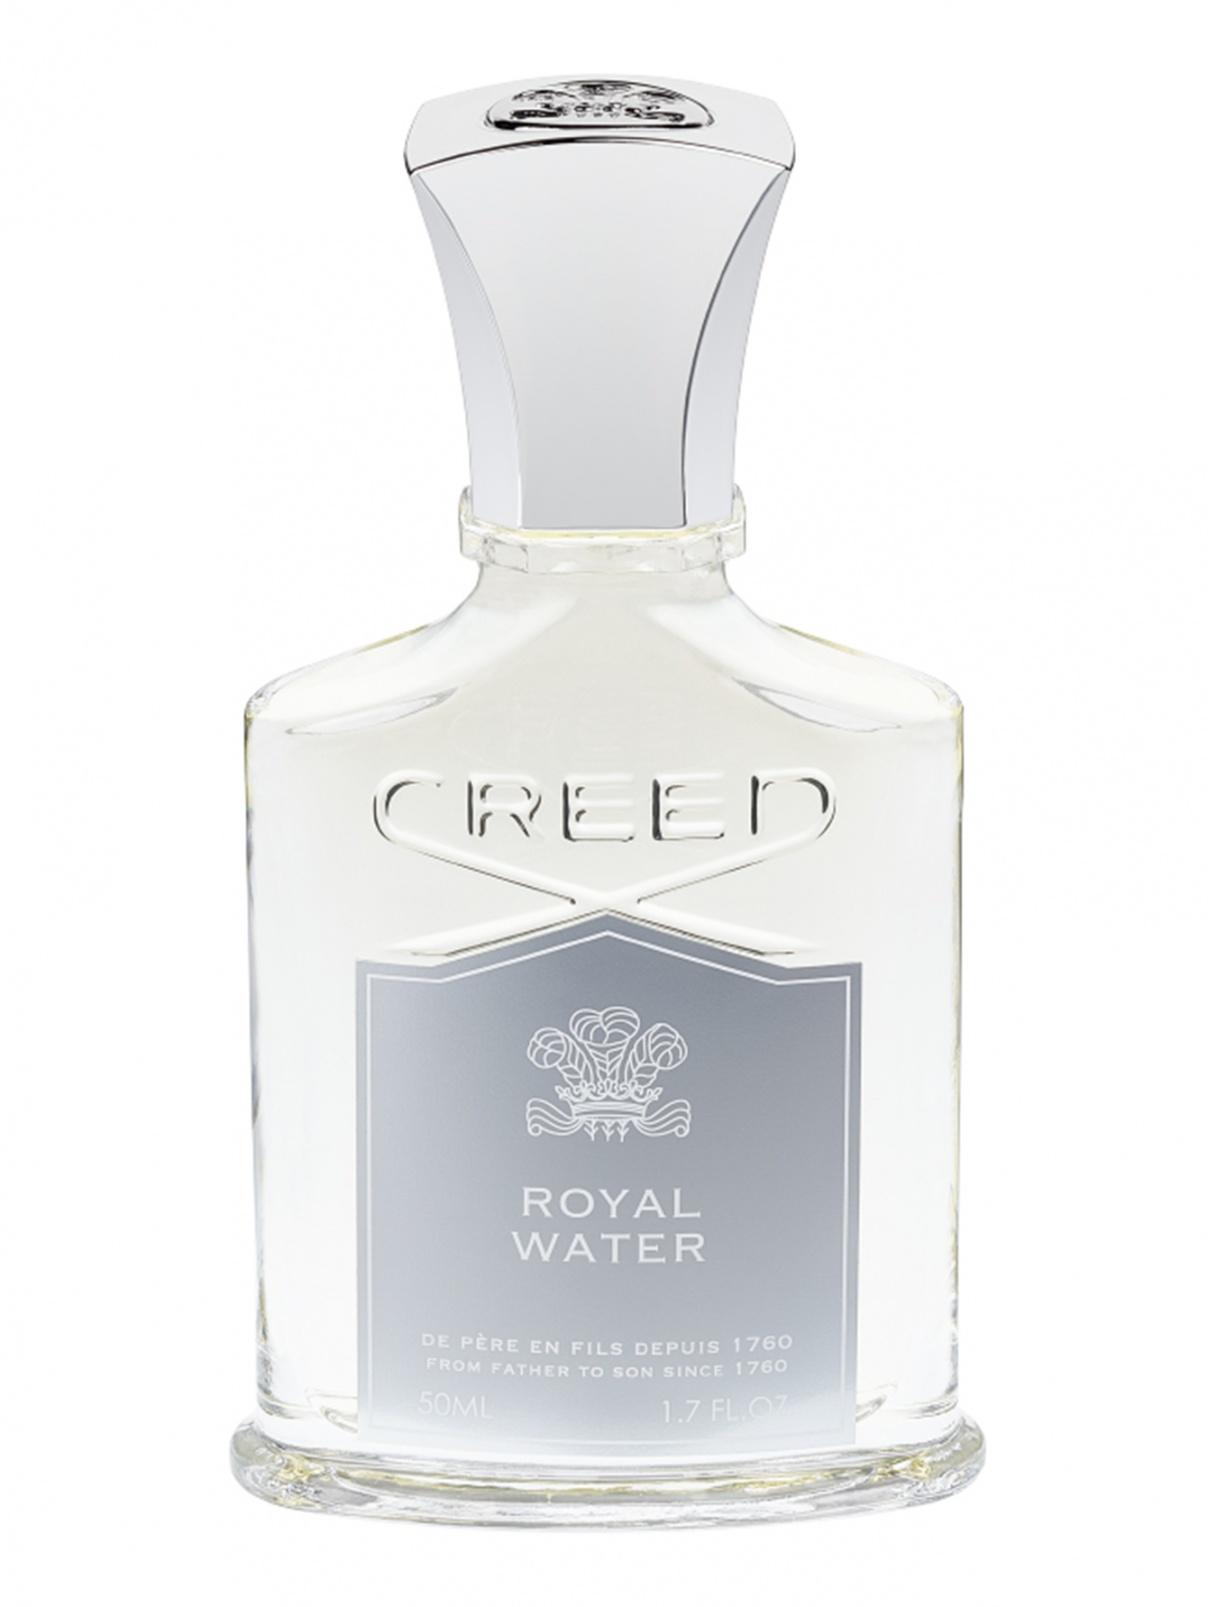 Парфюмерная вода 50 мл Royal Water Creed  –  Общий вид